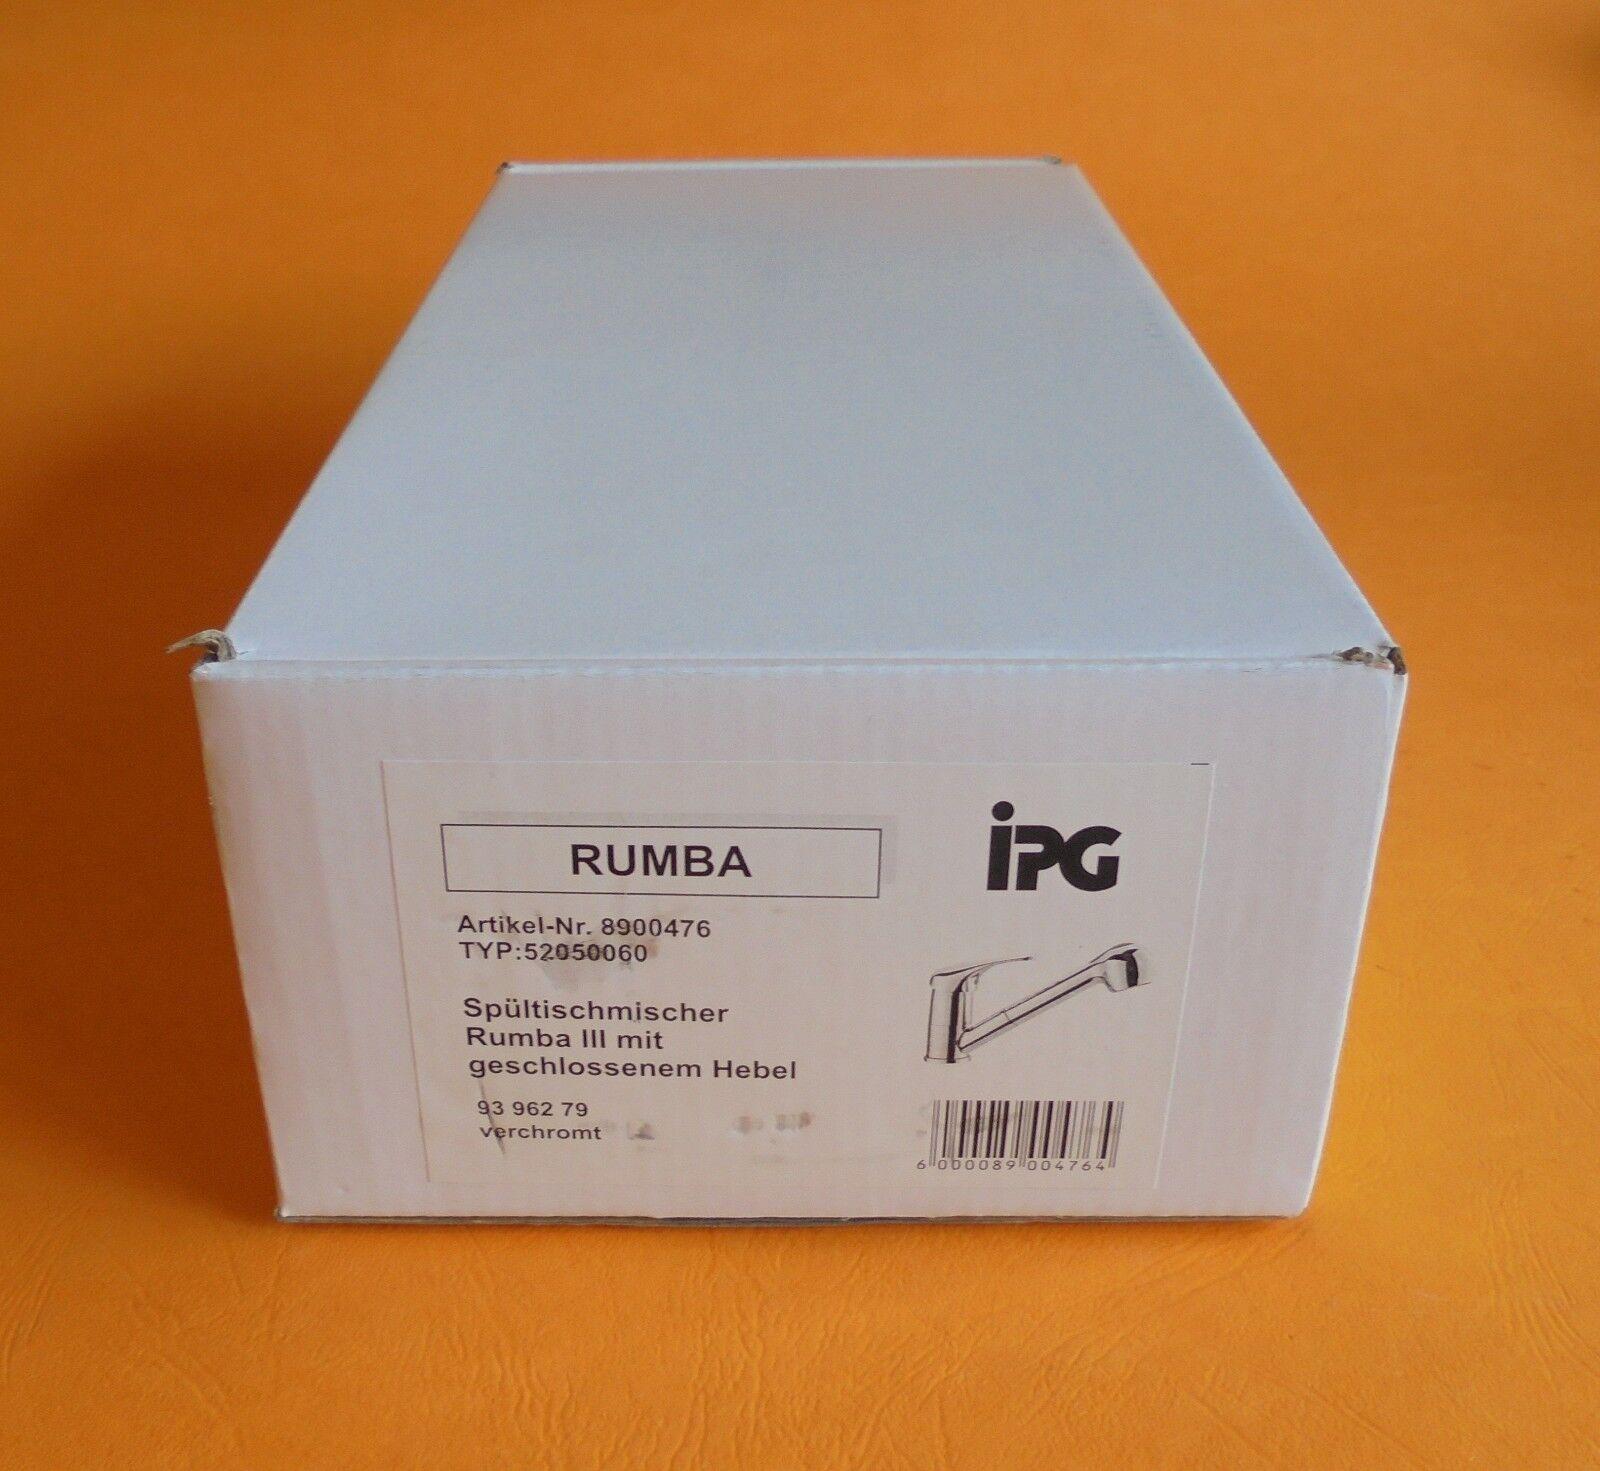 Rumba3 Küchen Spüle Armatur Einhebelmischer Brause   9396279 | Perfekt In Verarbeitung  | Modisch  | Vorzügliche Verarbeitung  | Tragen-wider